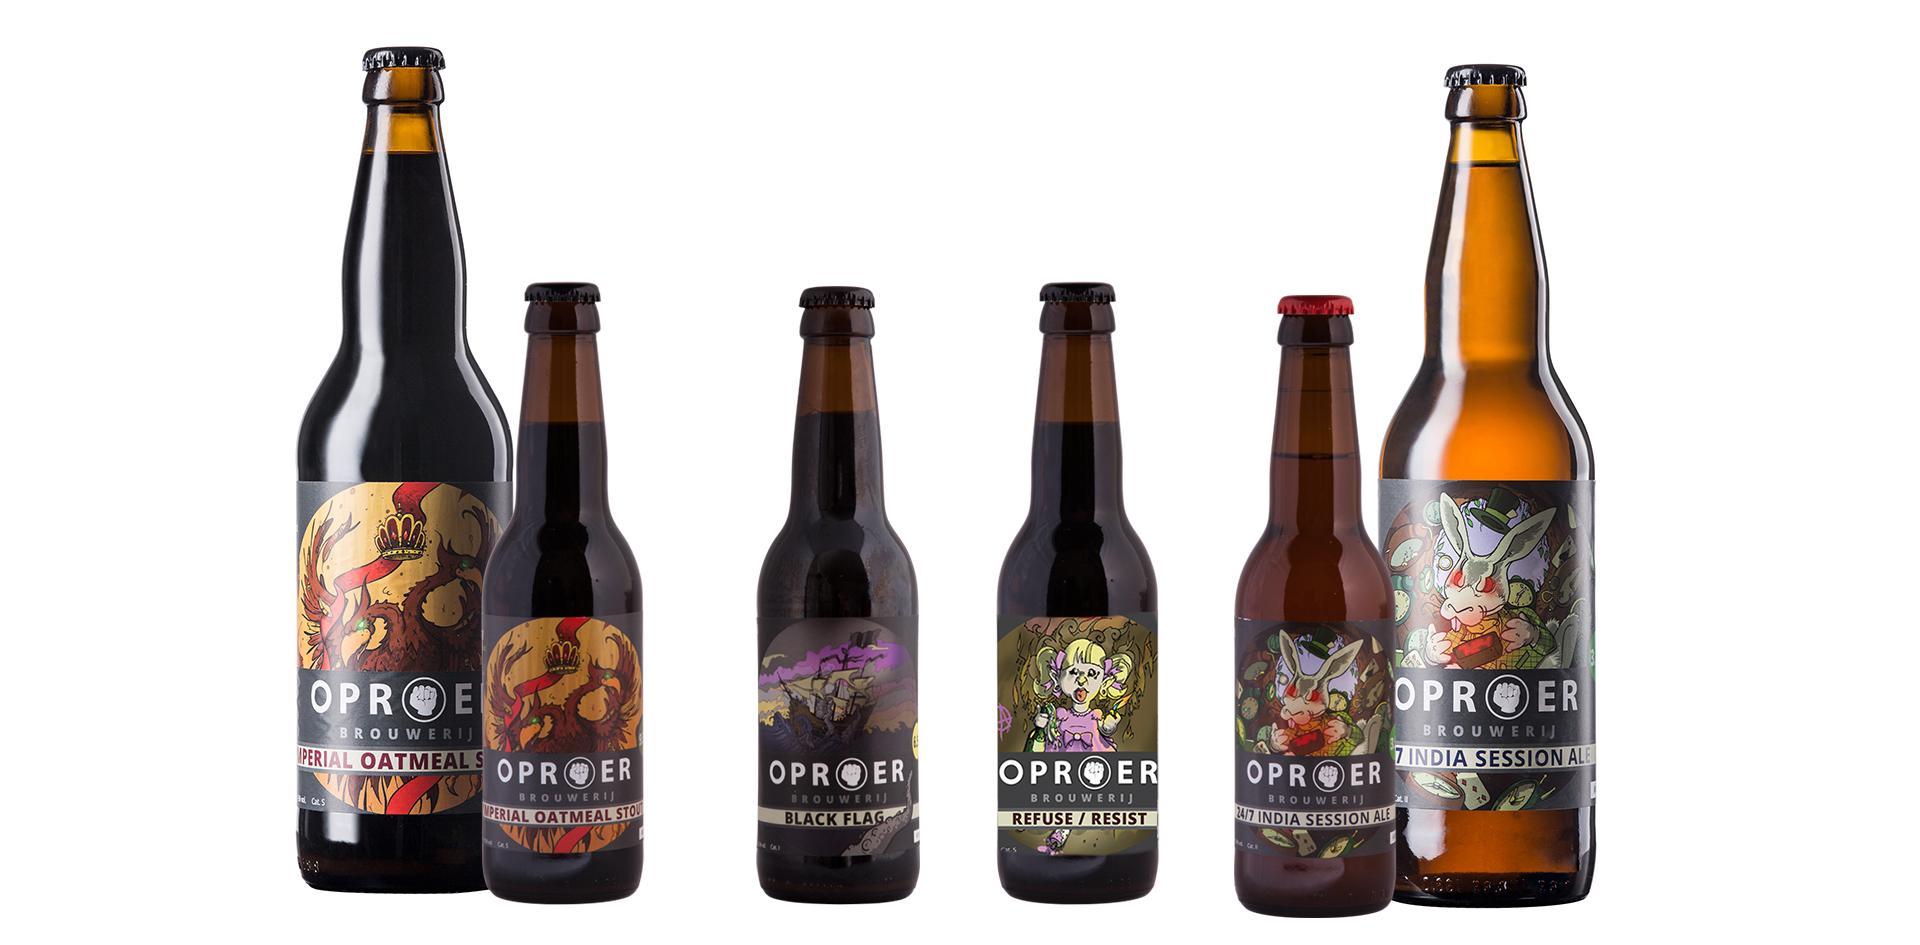 pils-bier-brouwerij-nederland-streekbier-utrecht-oproer-foto-01